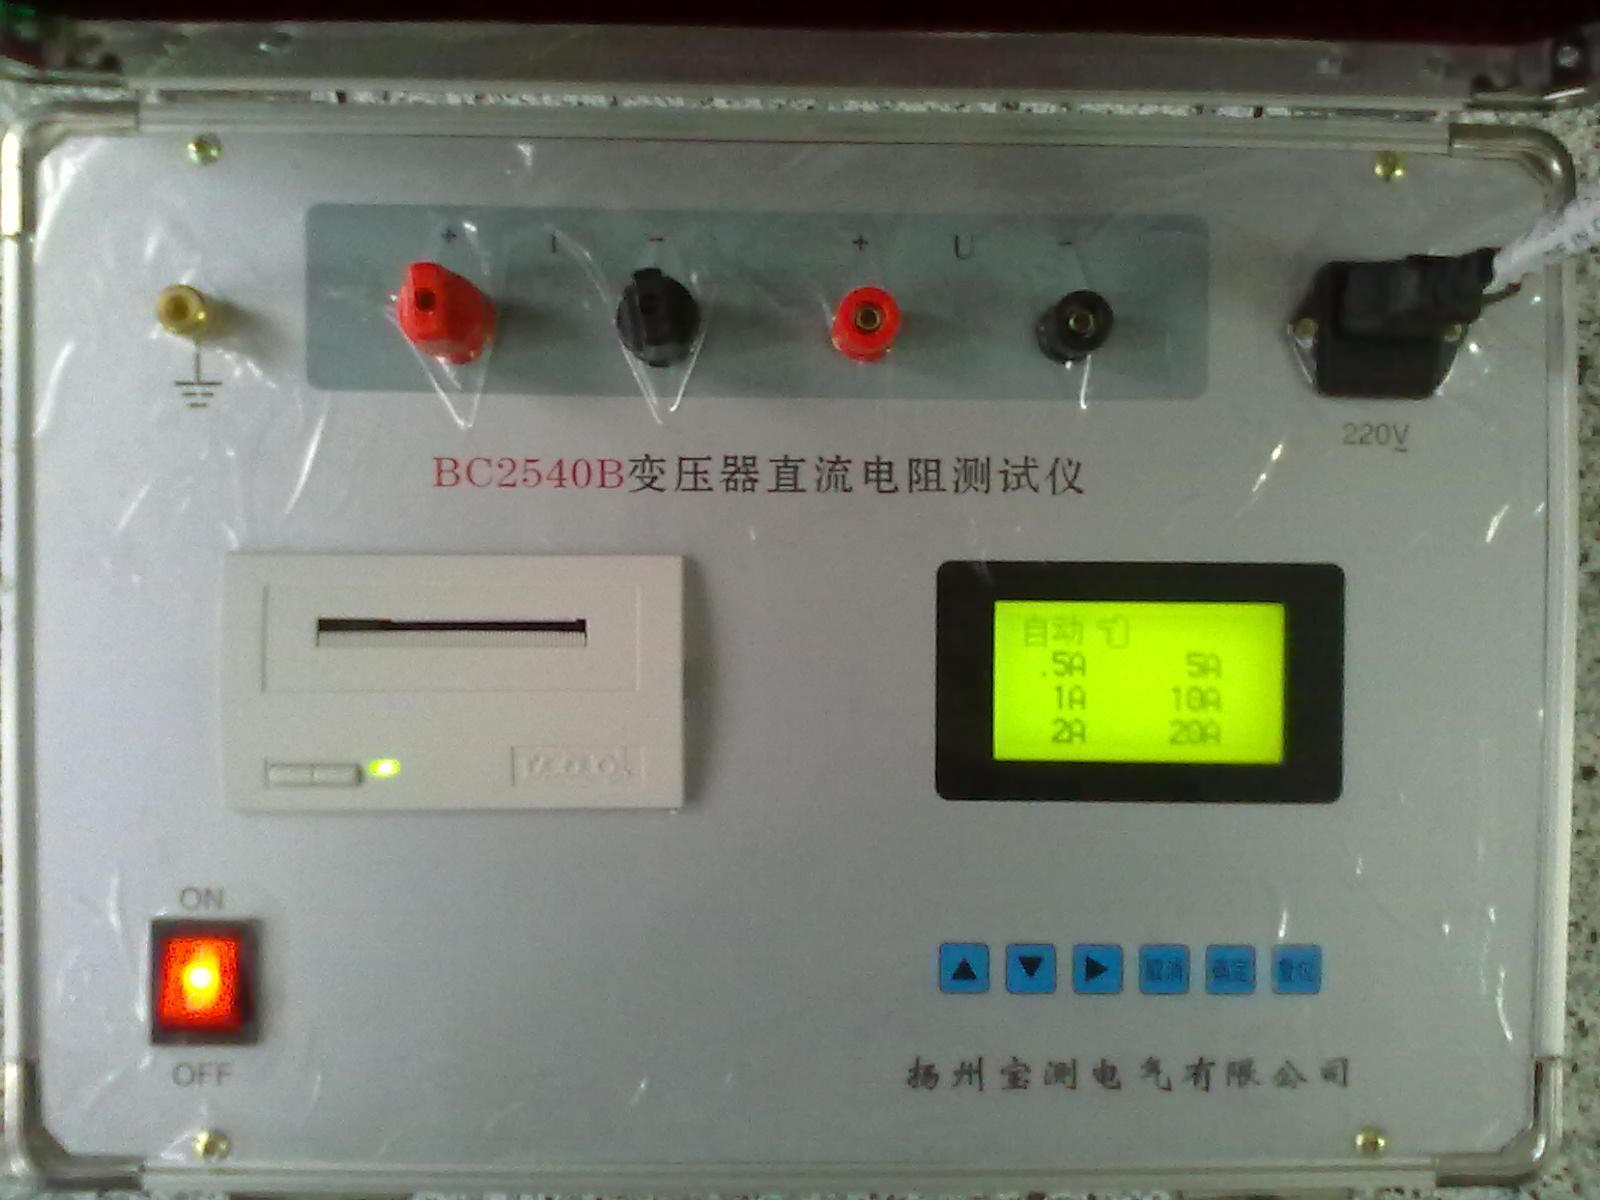 bc2540b-变压器直流电阻测试仪-扬州宝测电气有限